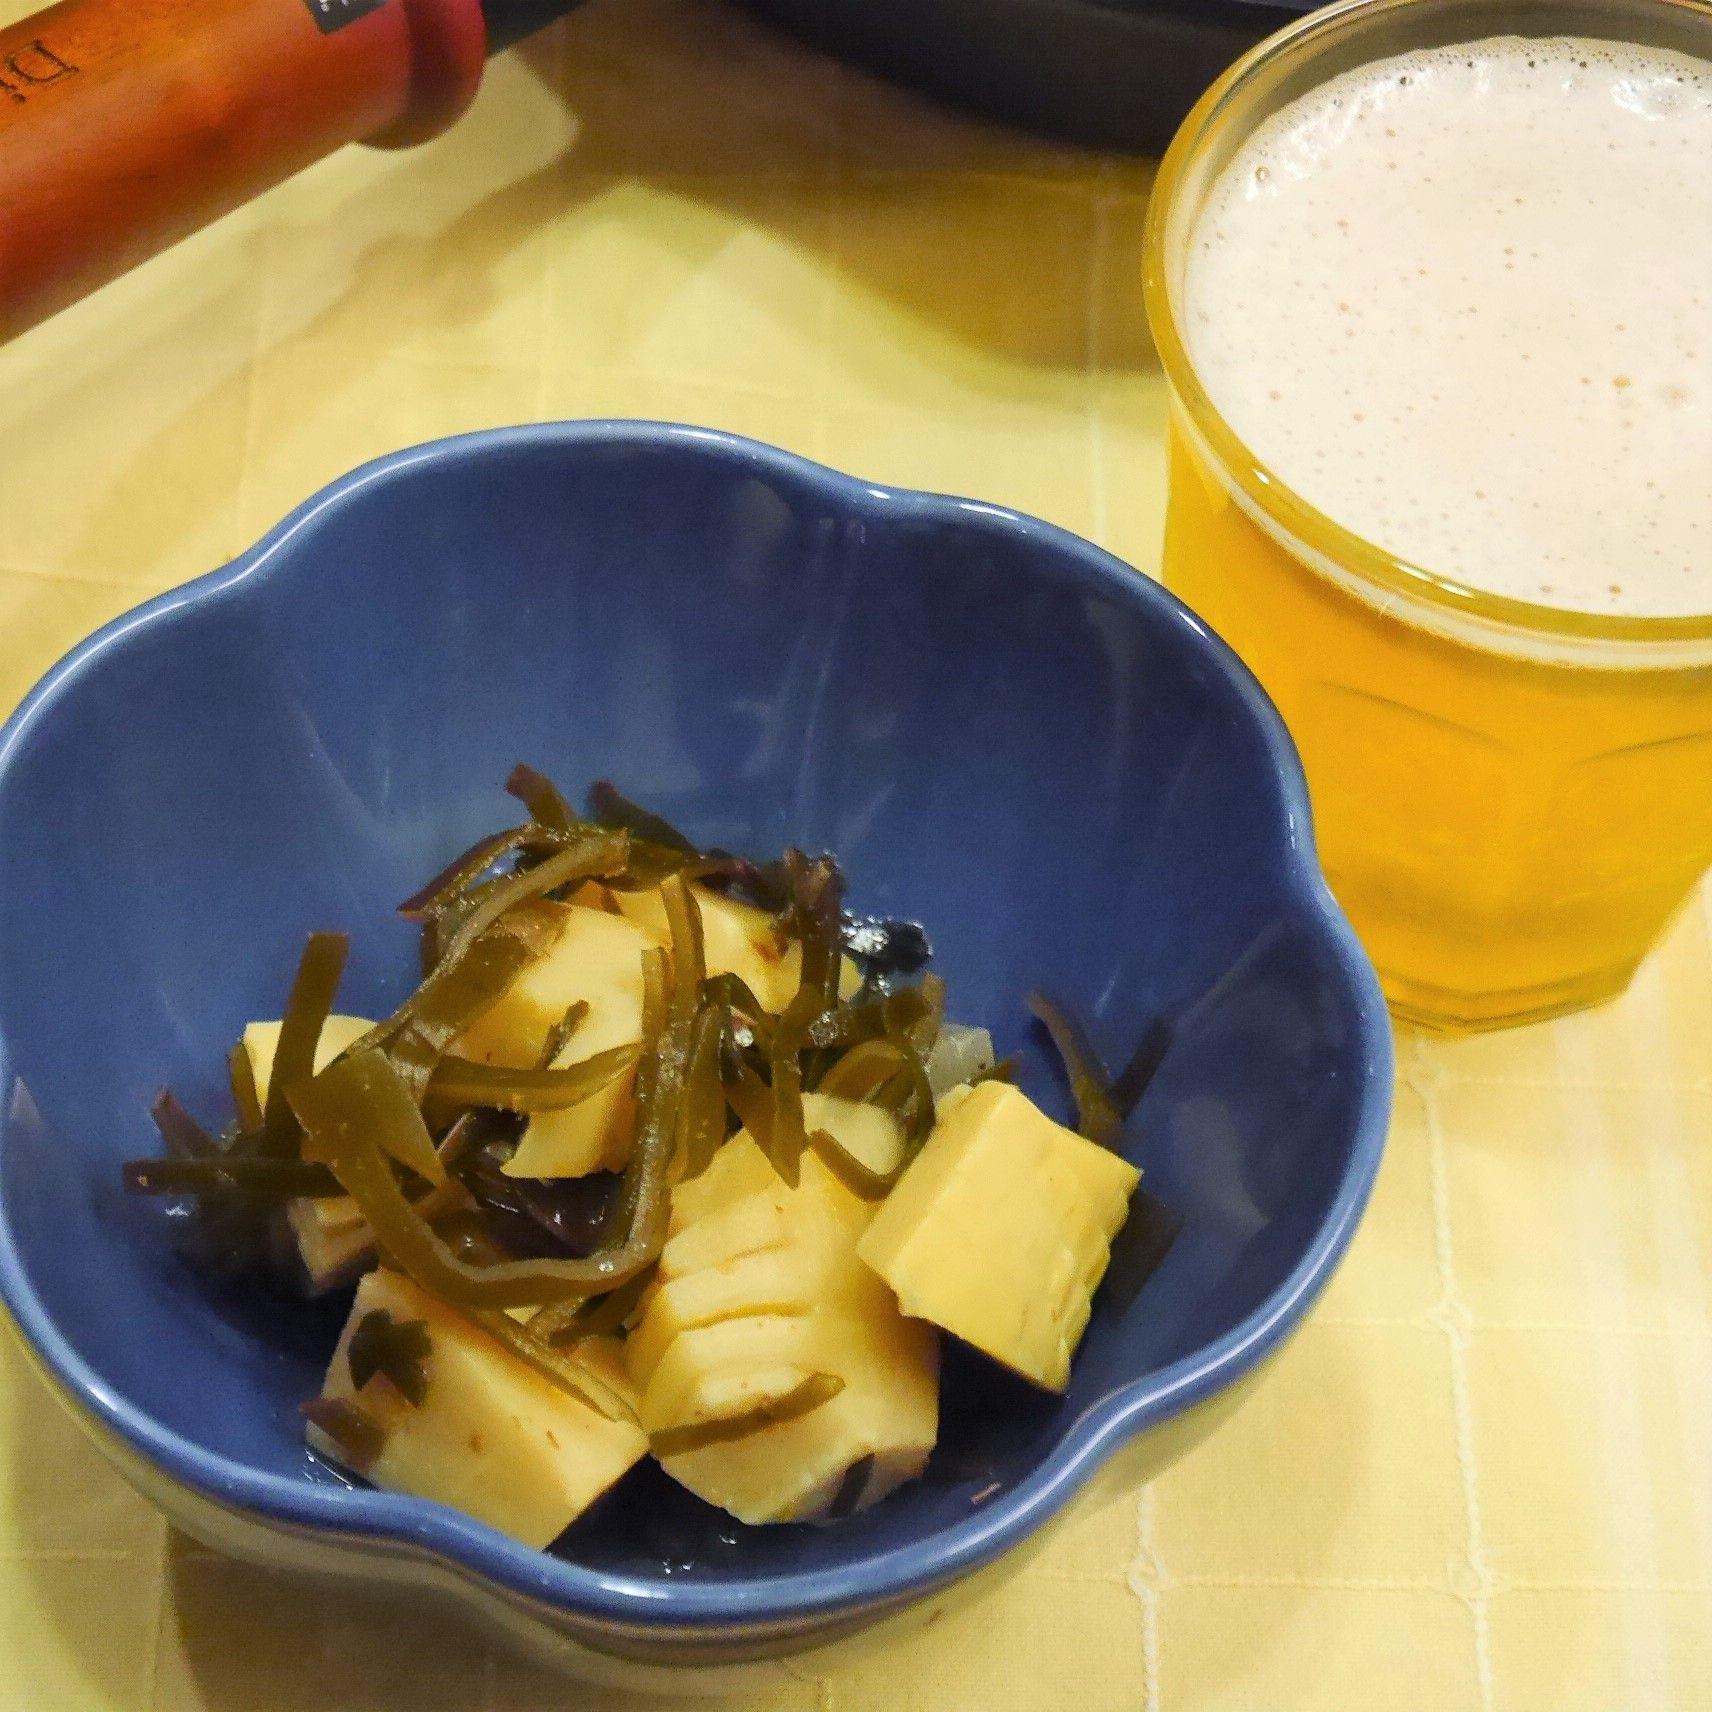 『もう一品』竹の子_竹の子と真昆布の煮物_ビール